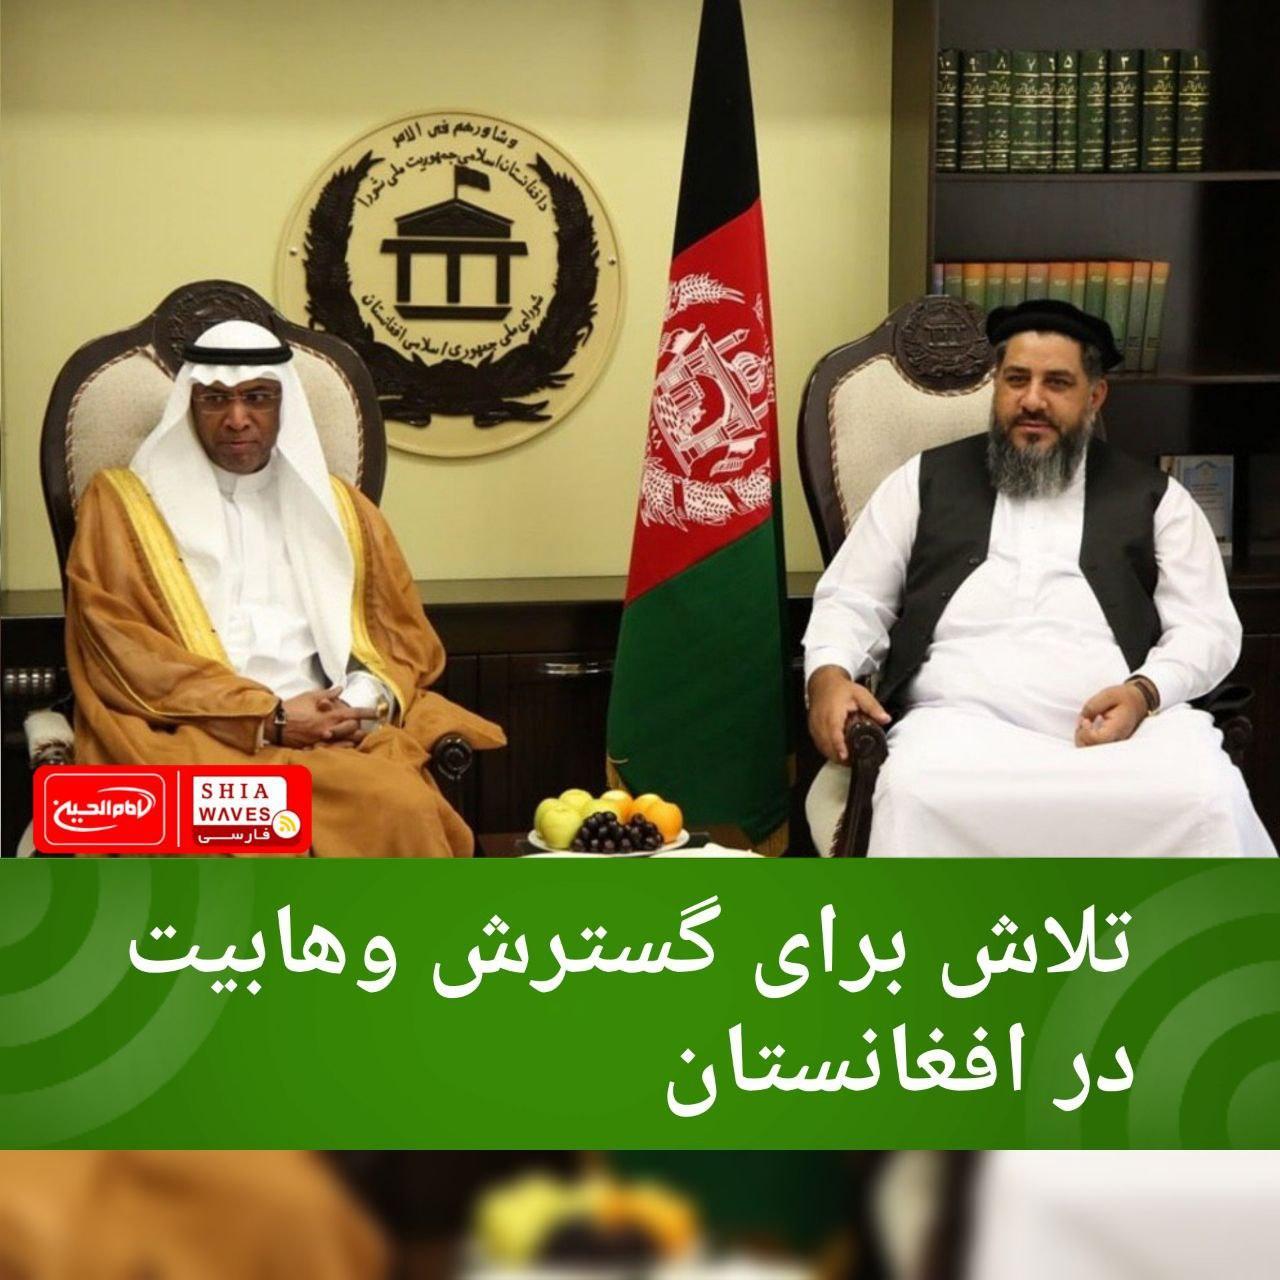 تصویر تلاش برای گسترش وهابیت در افغانستان